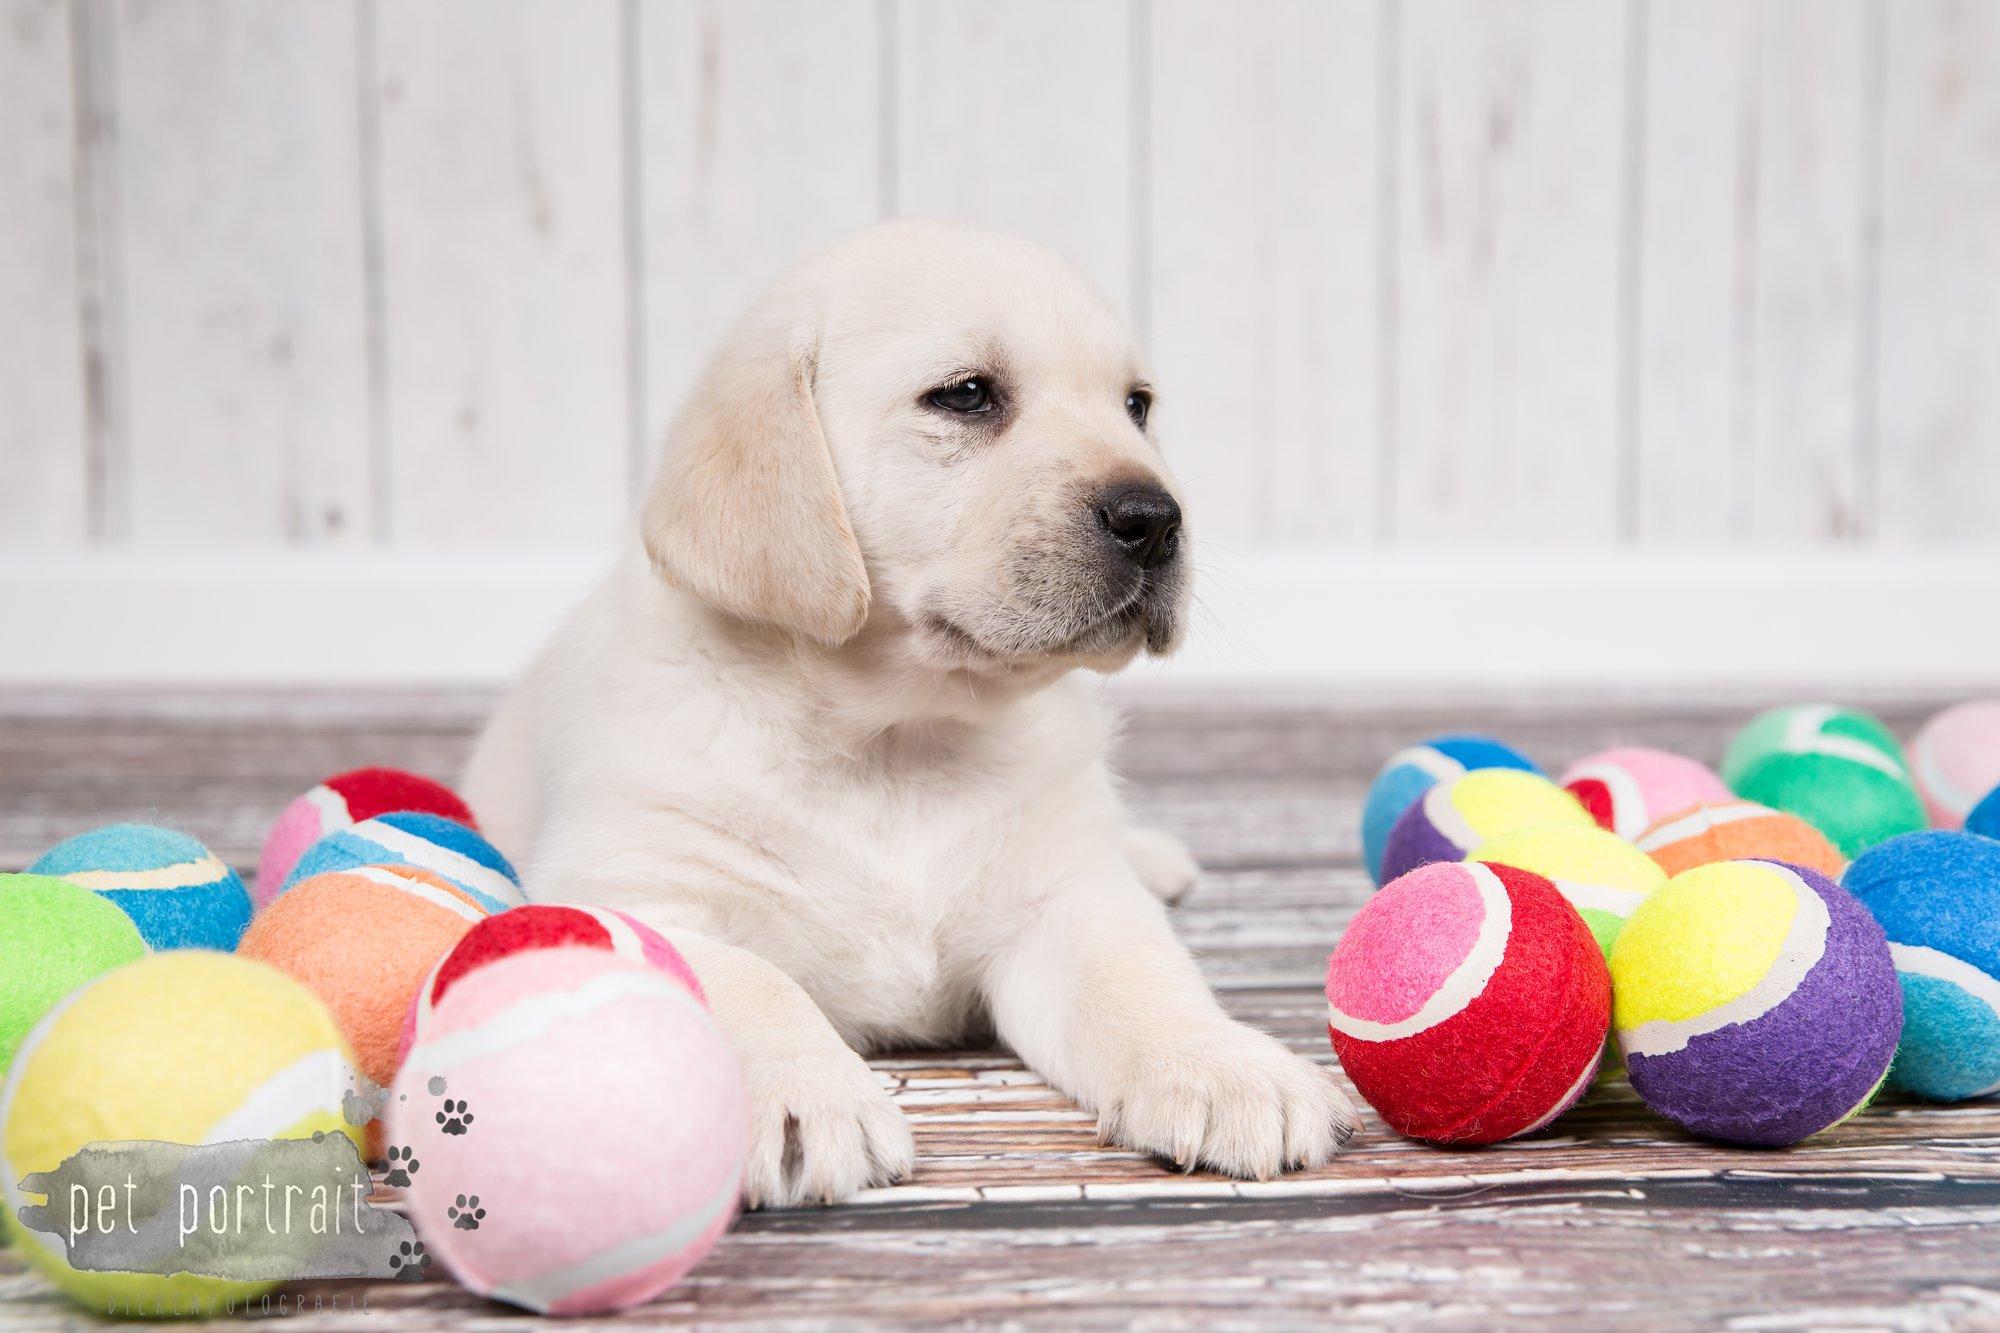 Hondenfotograaf Hillegom - Nestfotoshoot voor Labrador pups-43